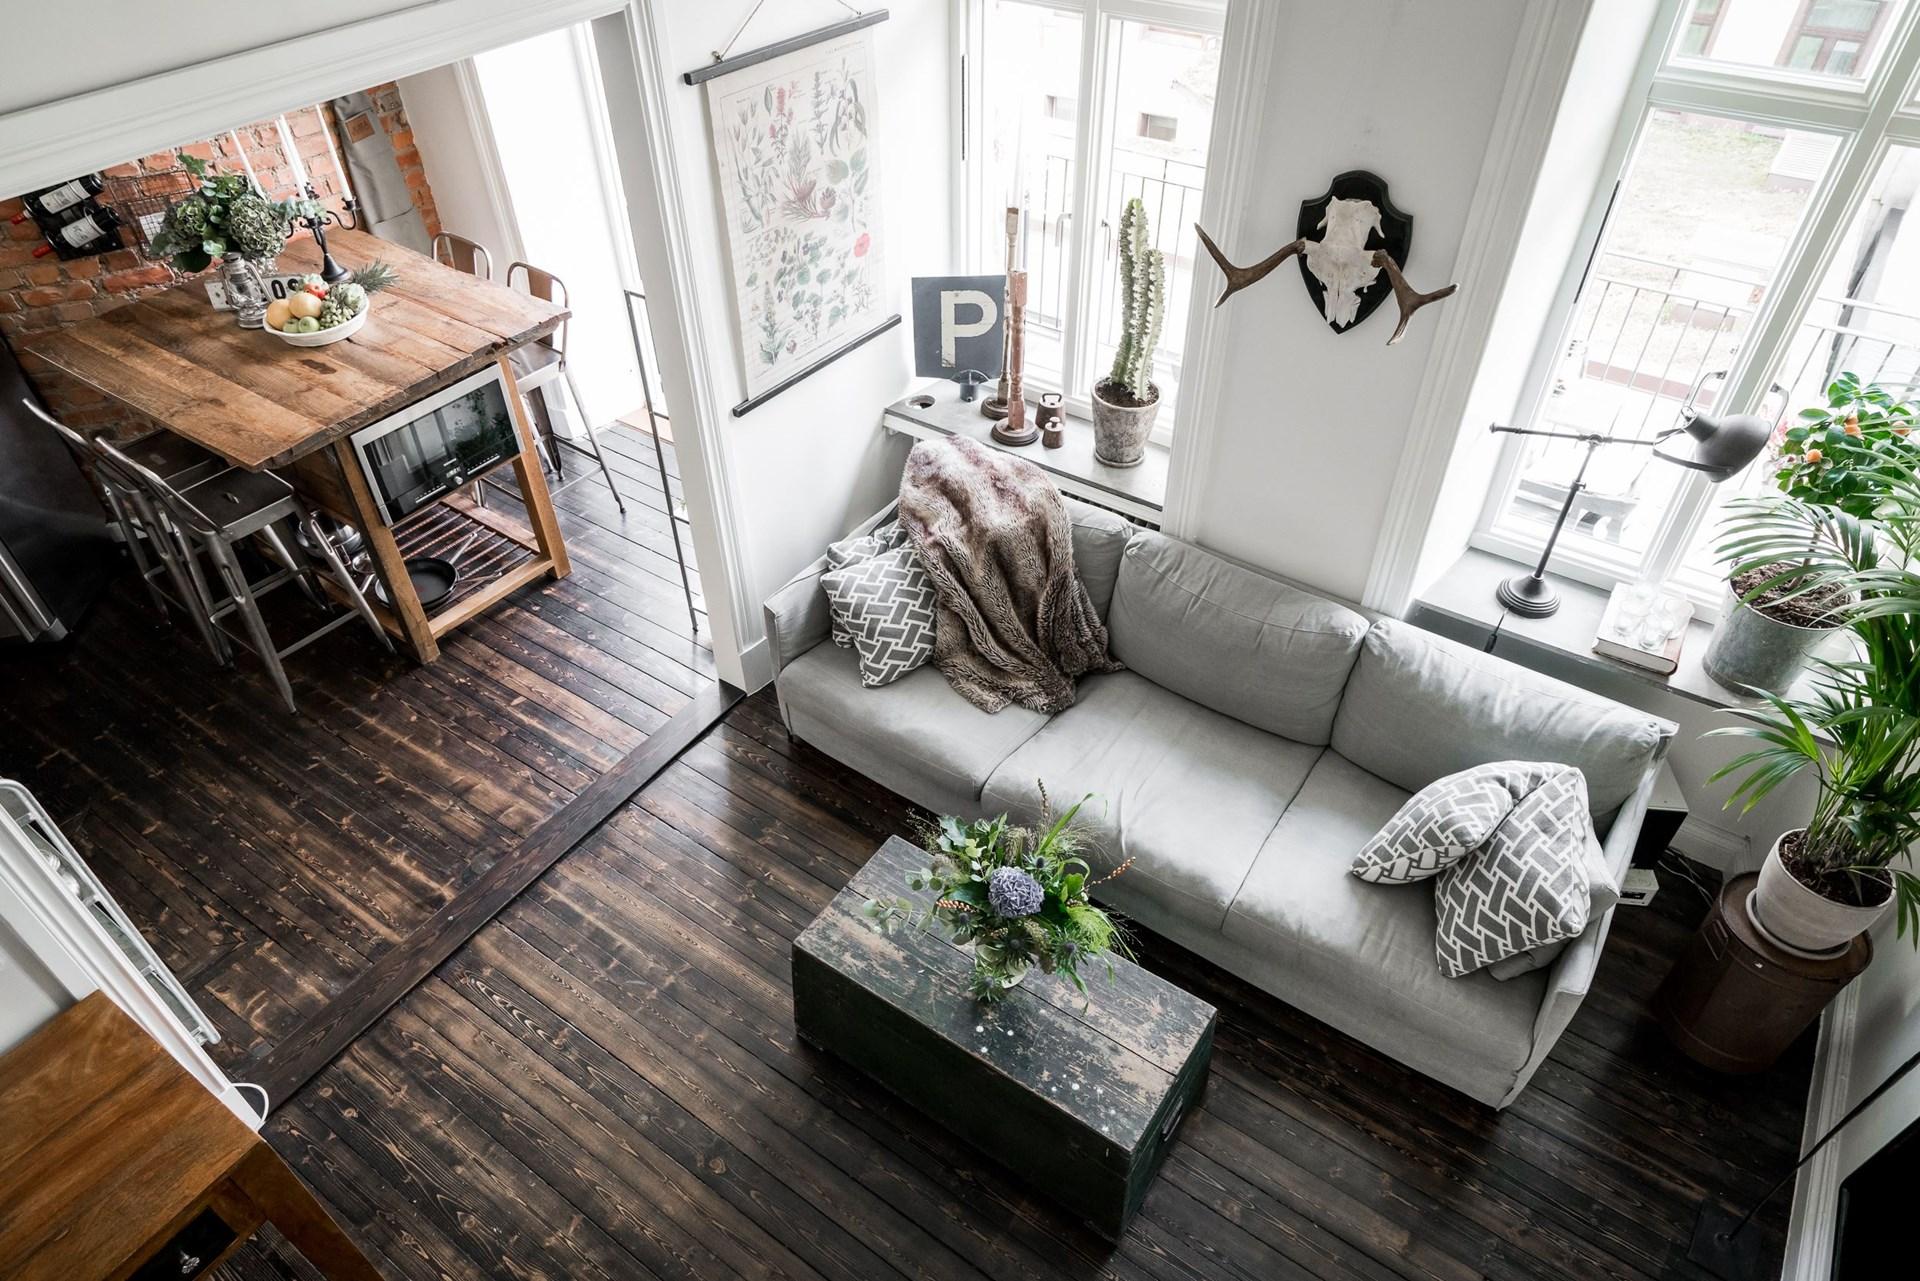 гостиная кухня проем порог высокий потолок антресоли